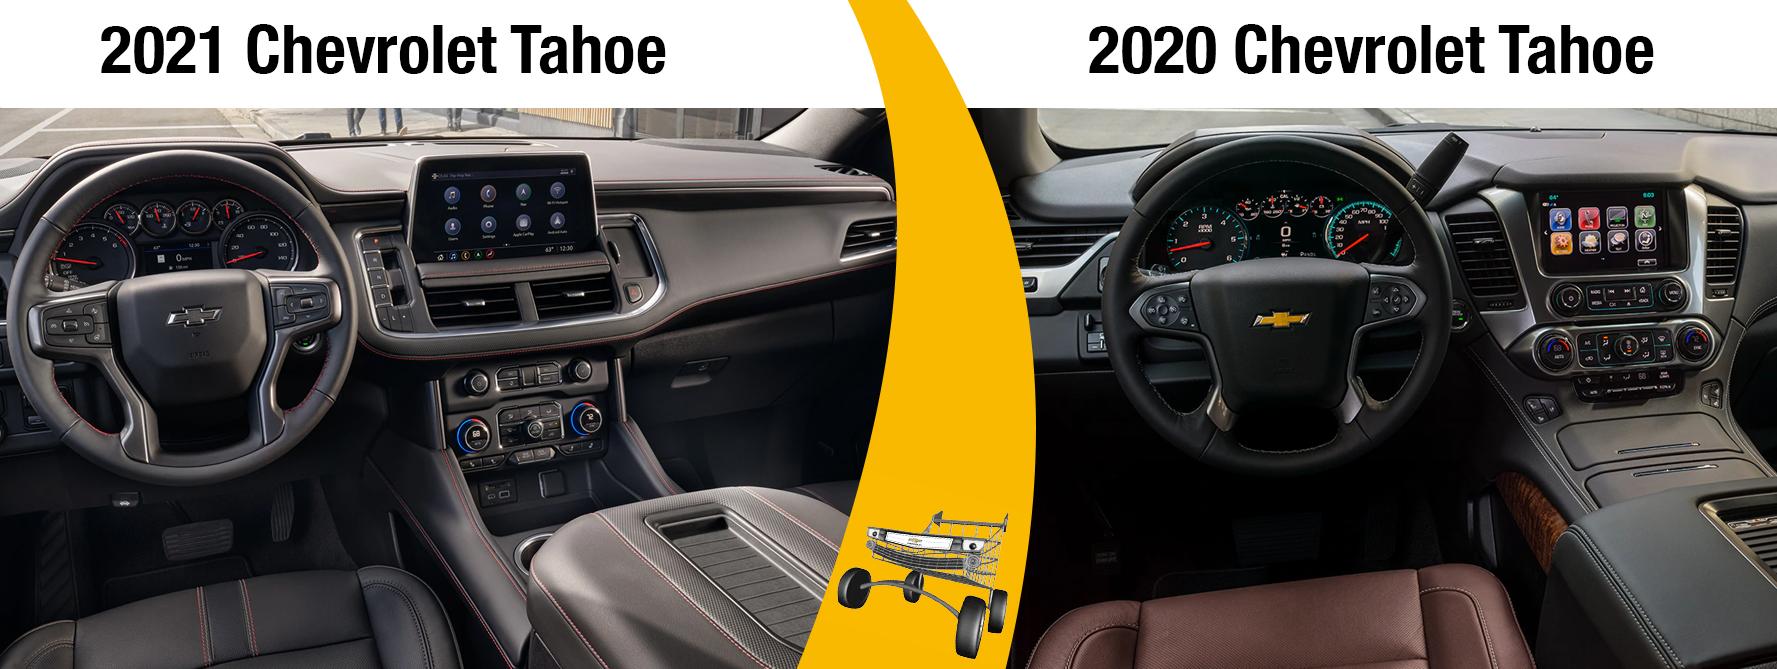 2021 Tahoe vs 2020 Tahoe Performance